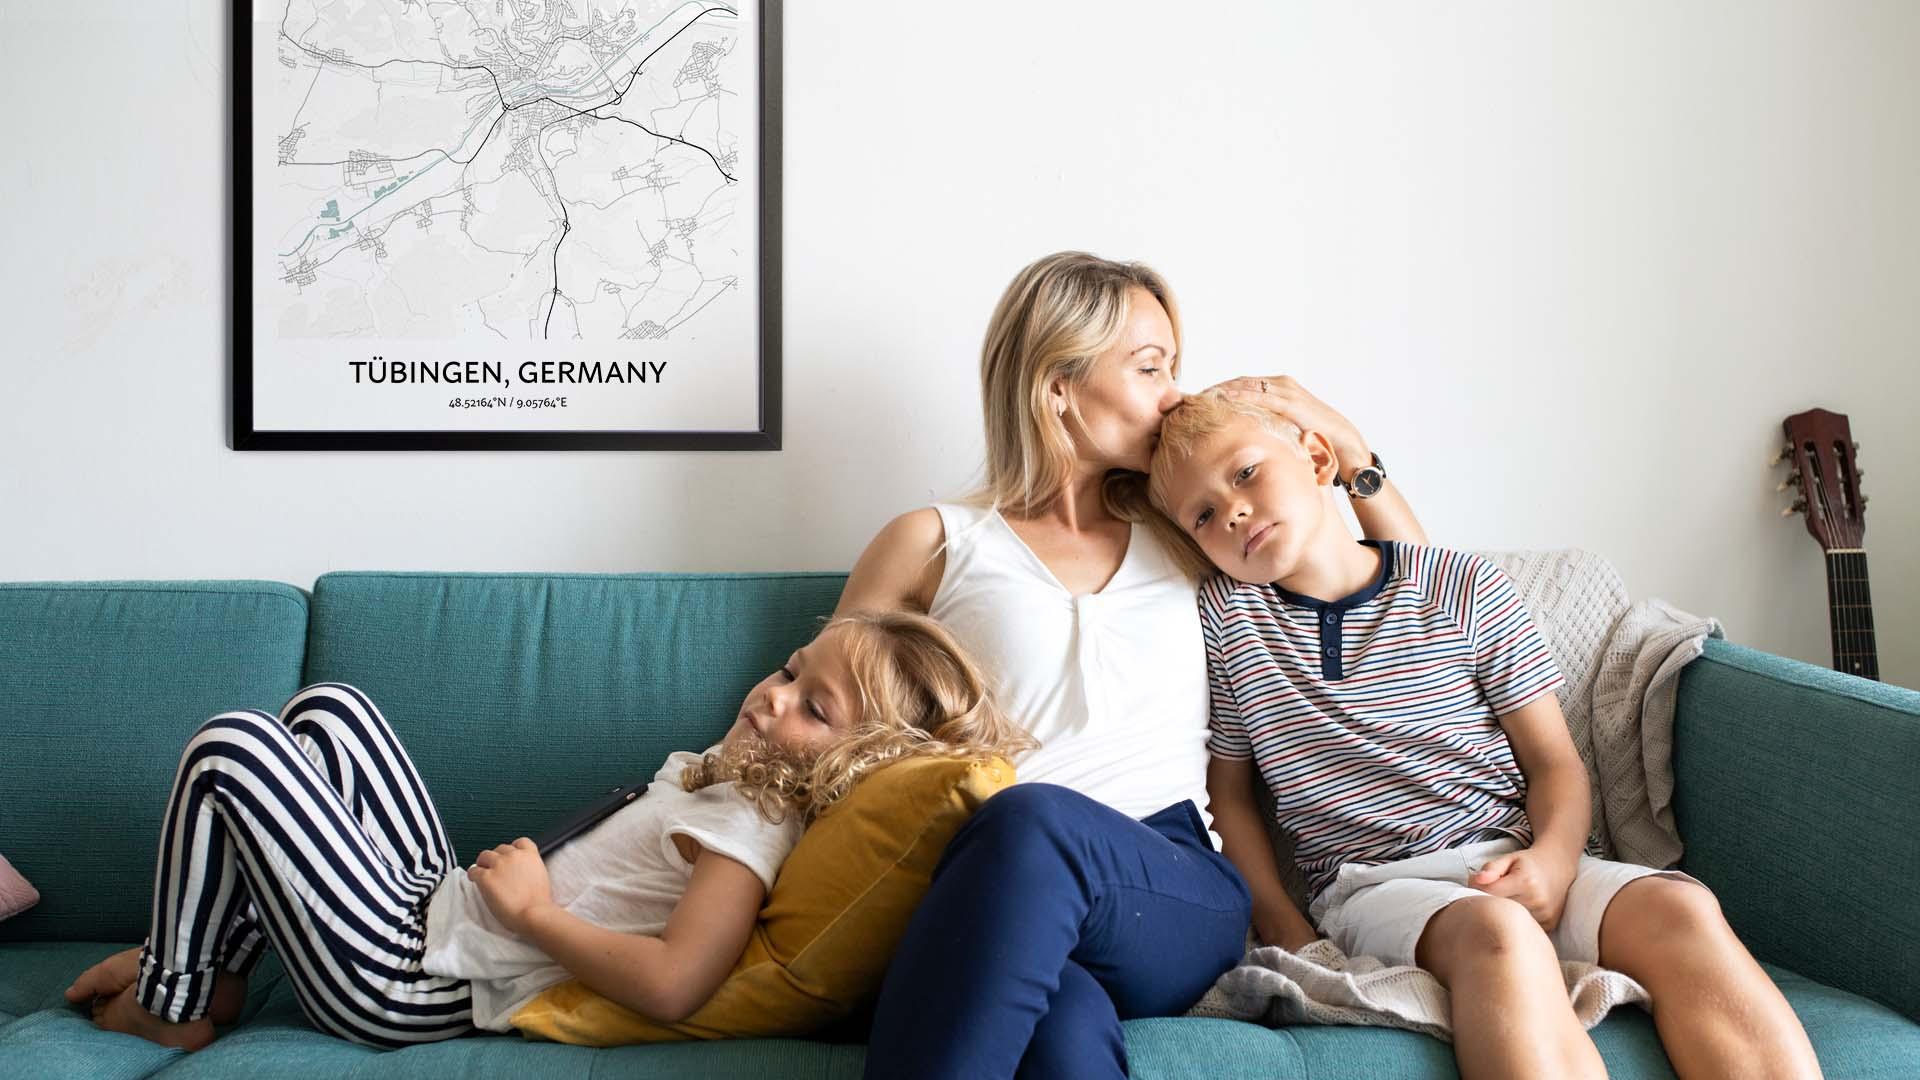 Tubingen map poster